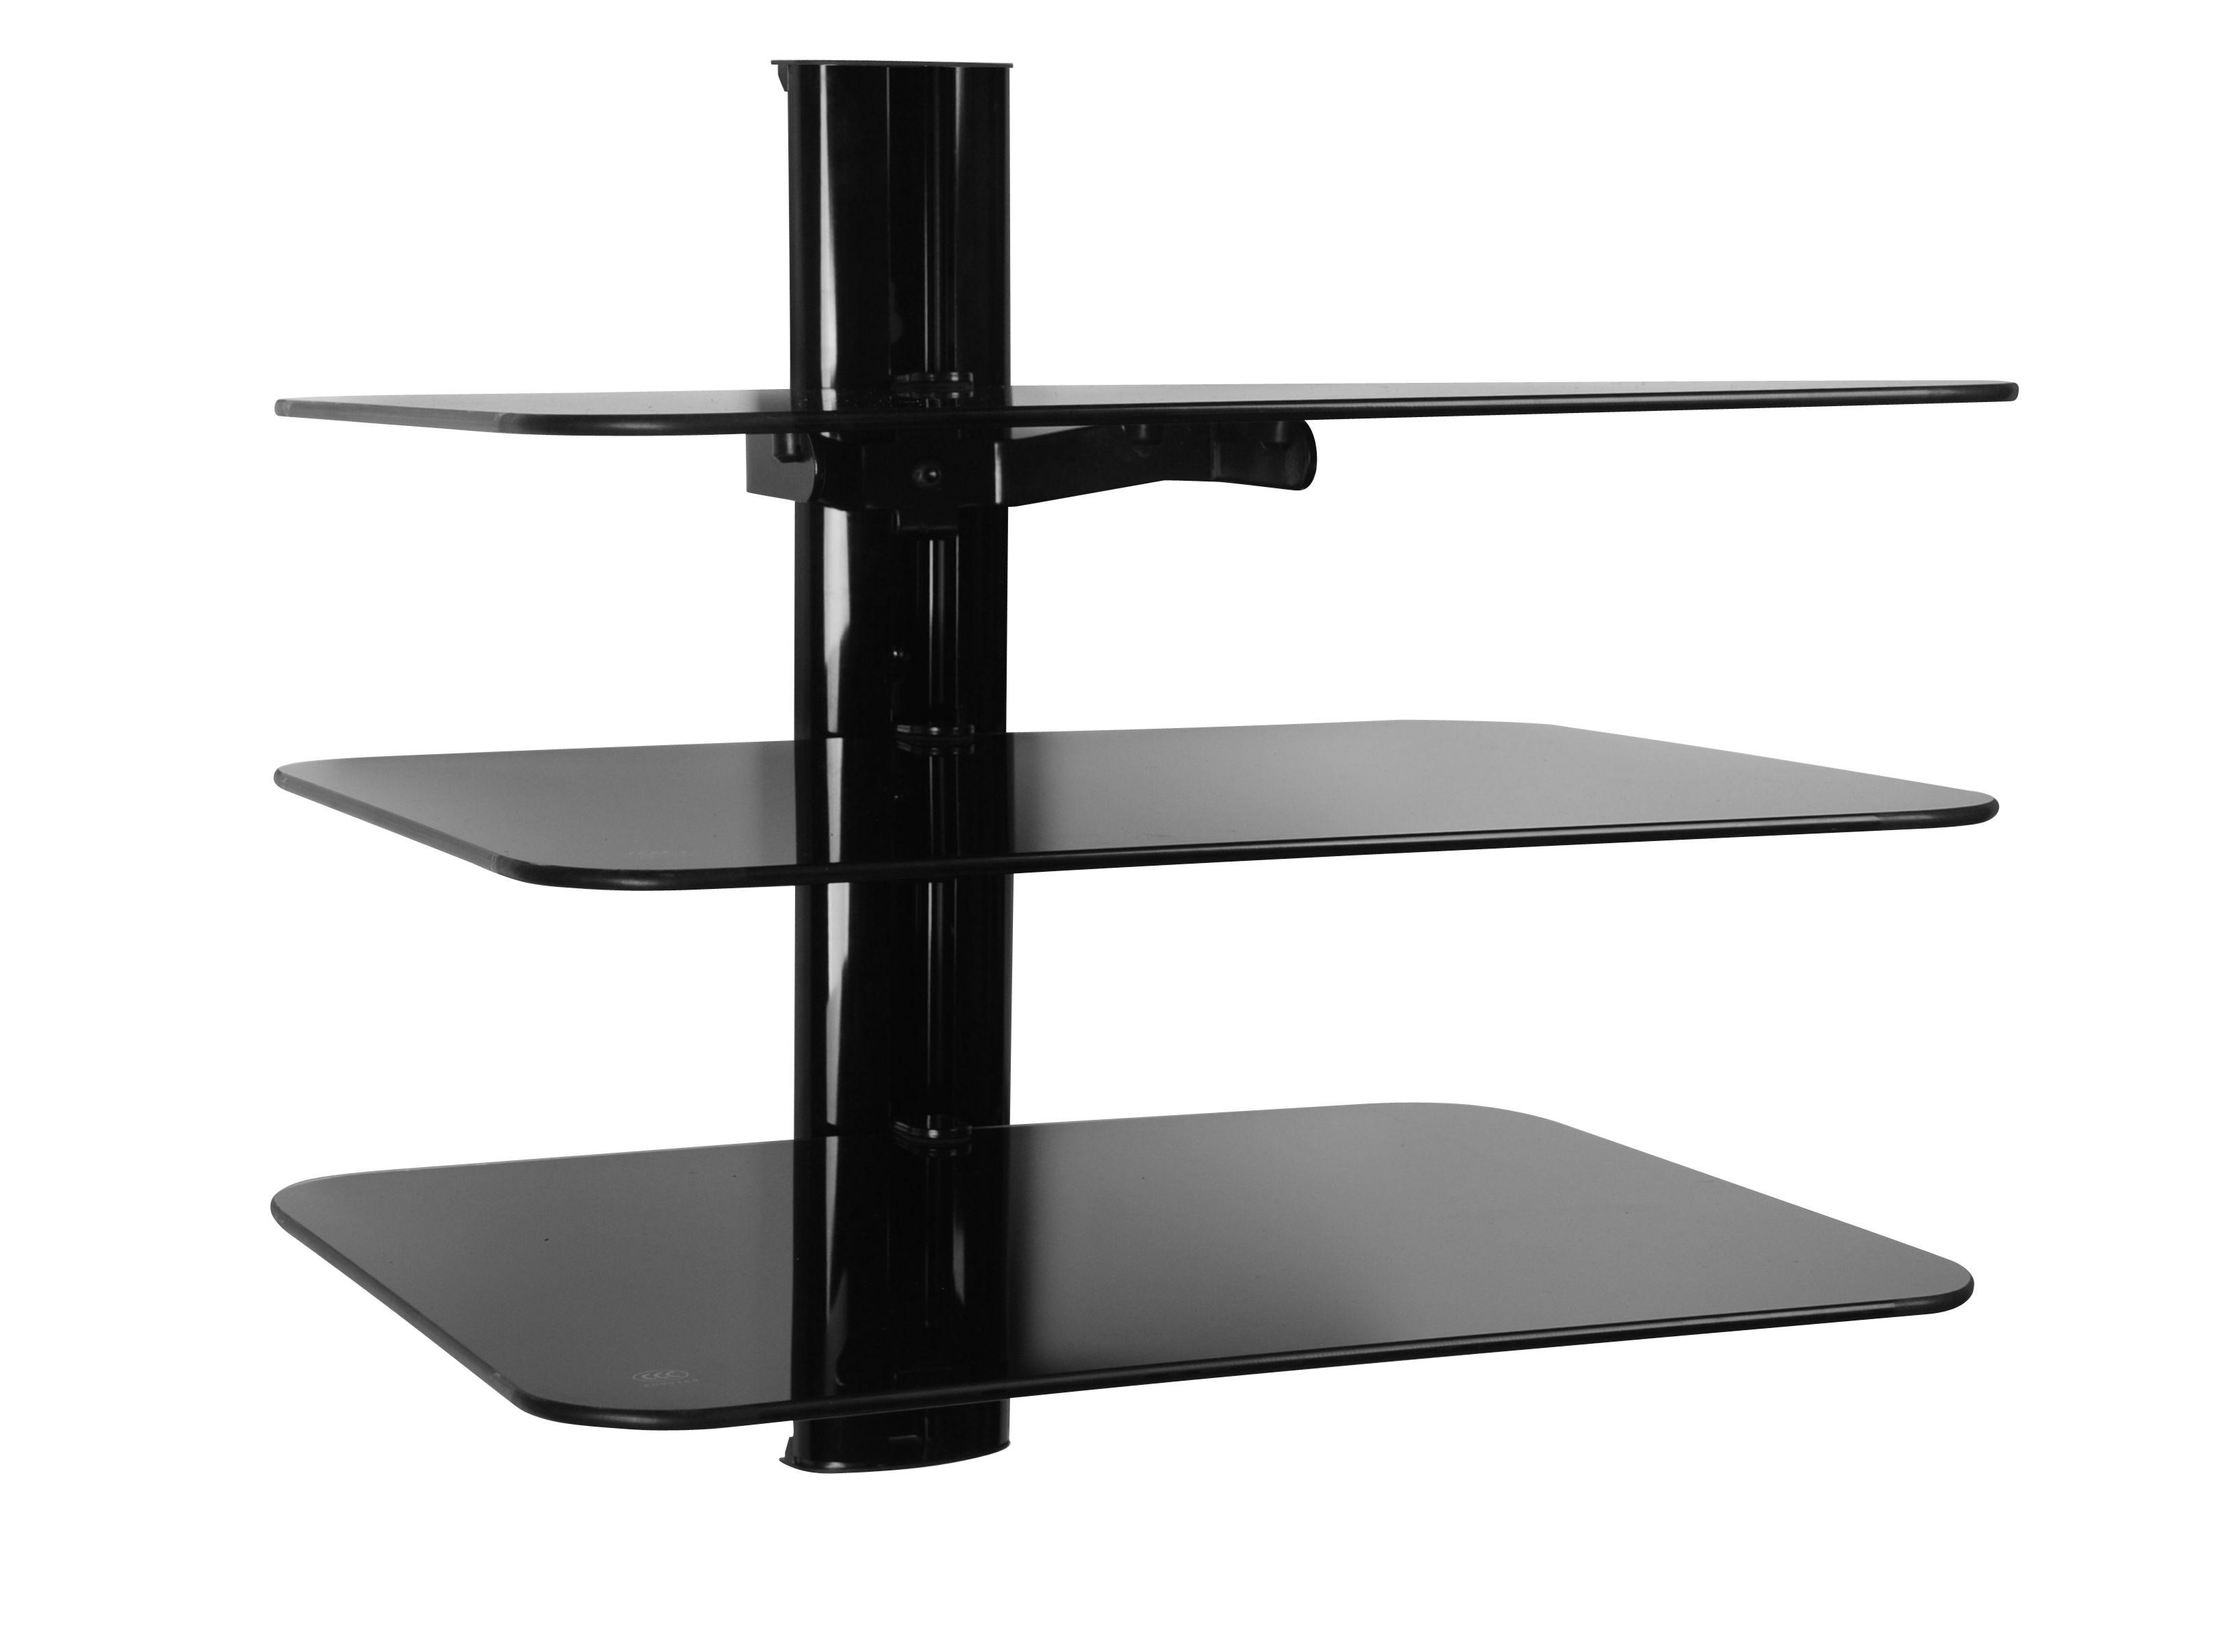 Triple Glass Av Shelving System Intended For Wall Mounted Black Glass Shelves (View 8 of 15)